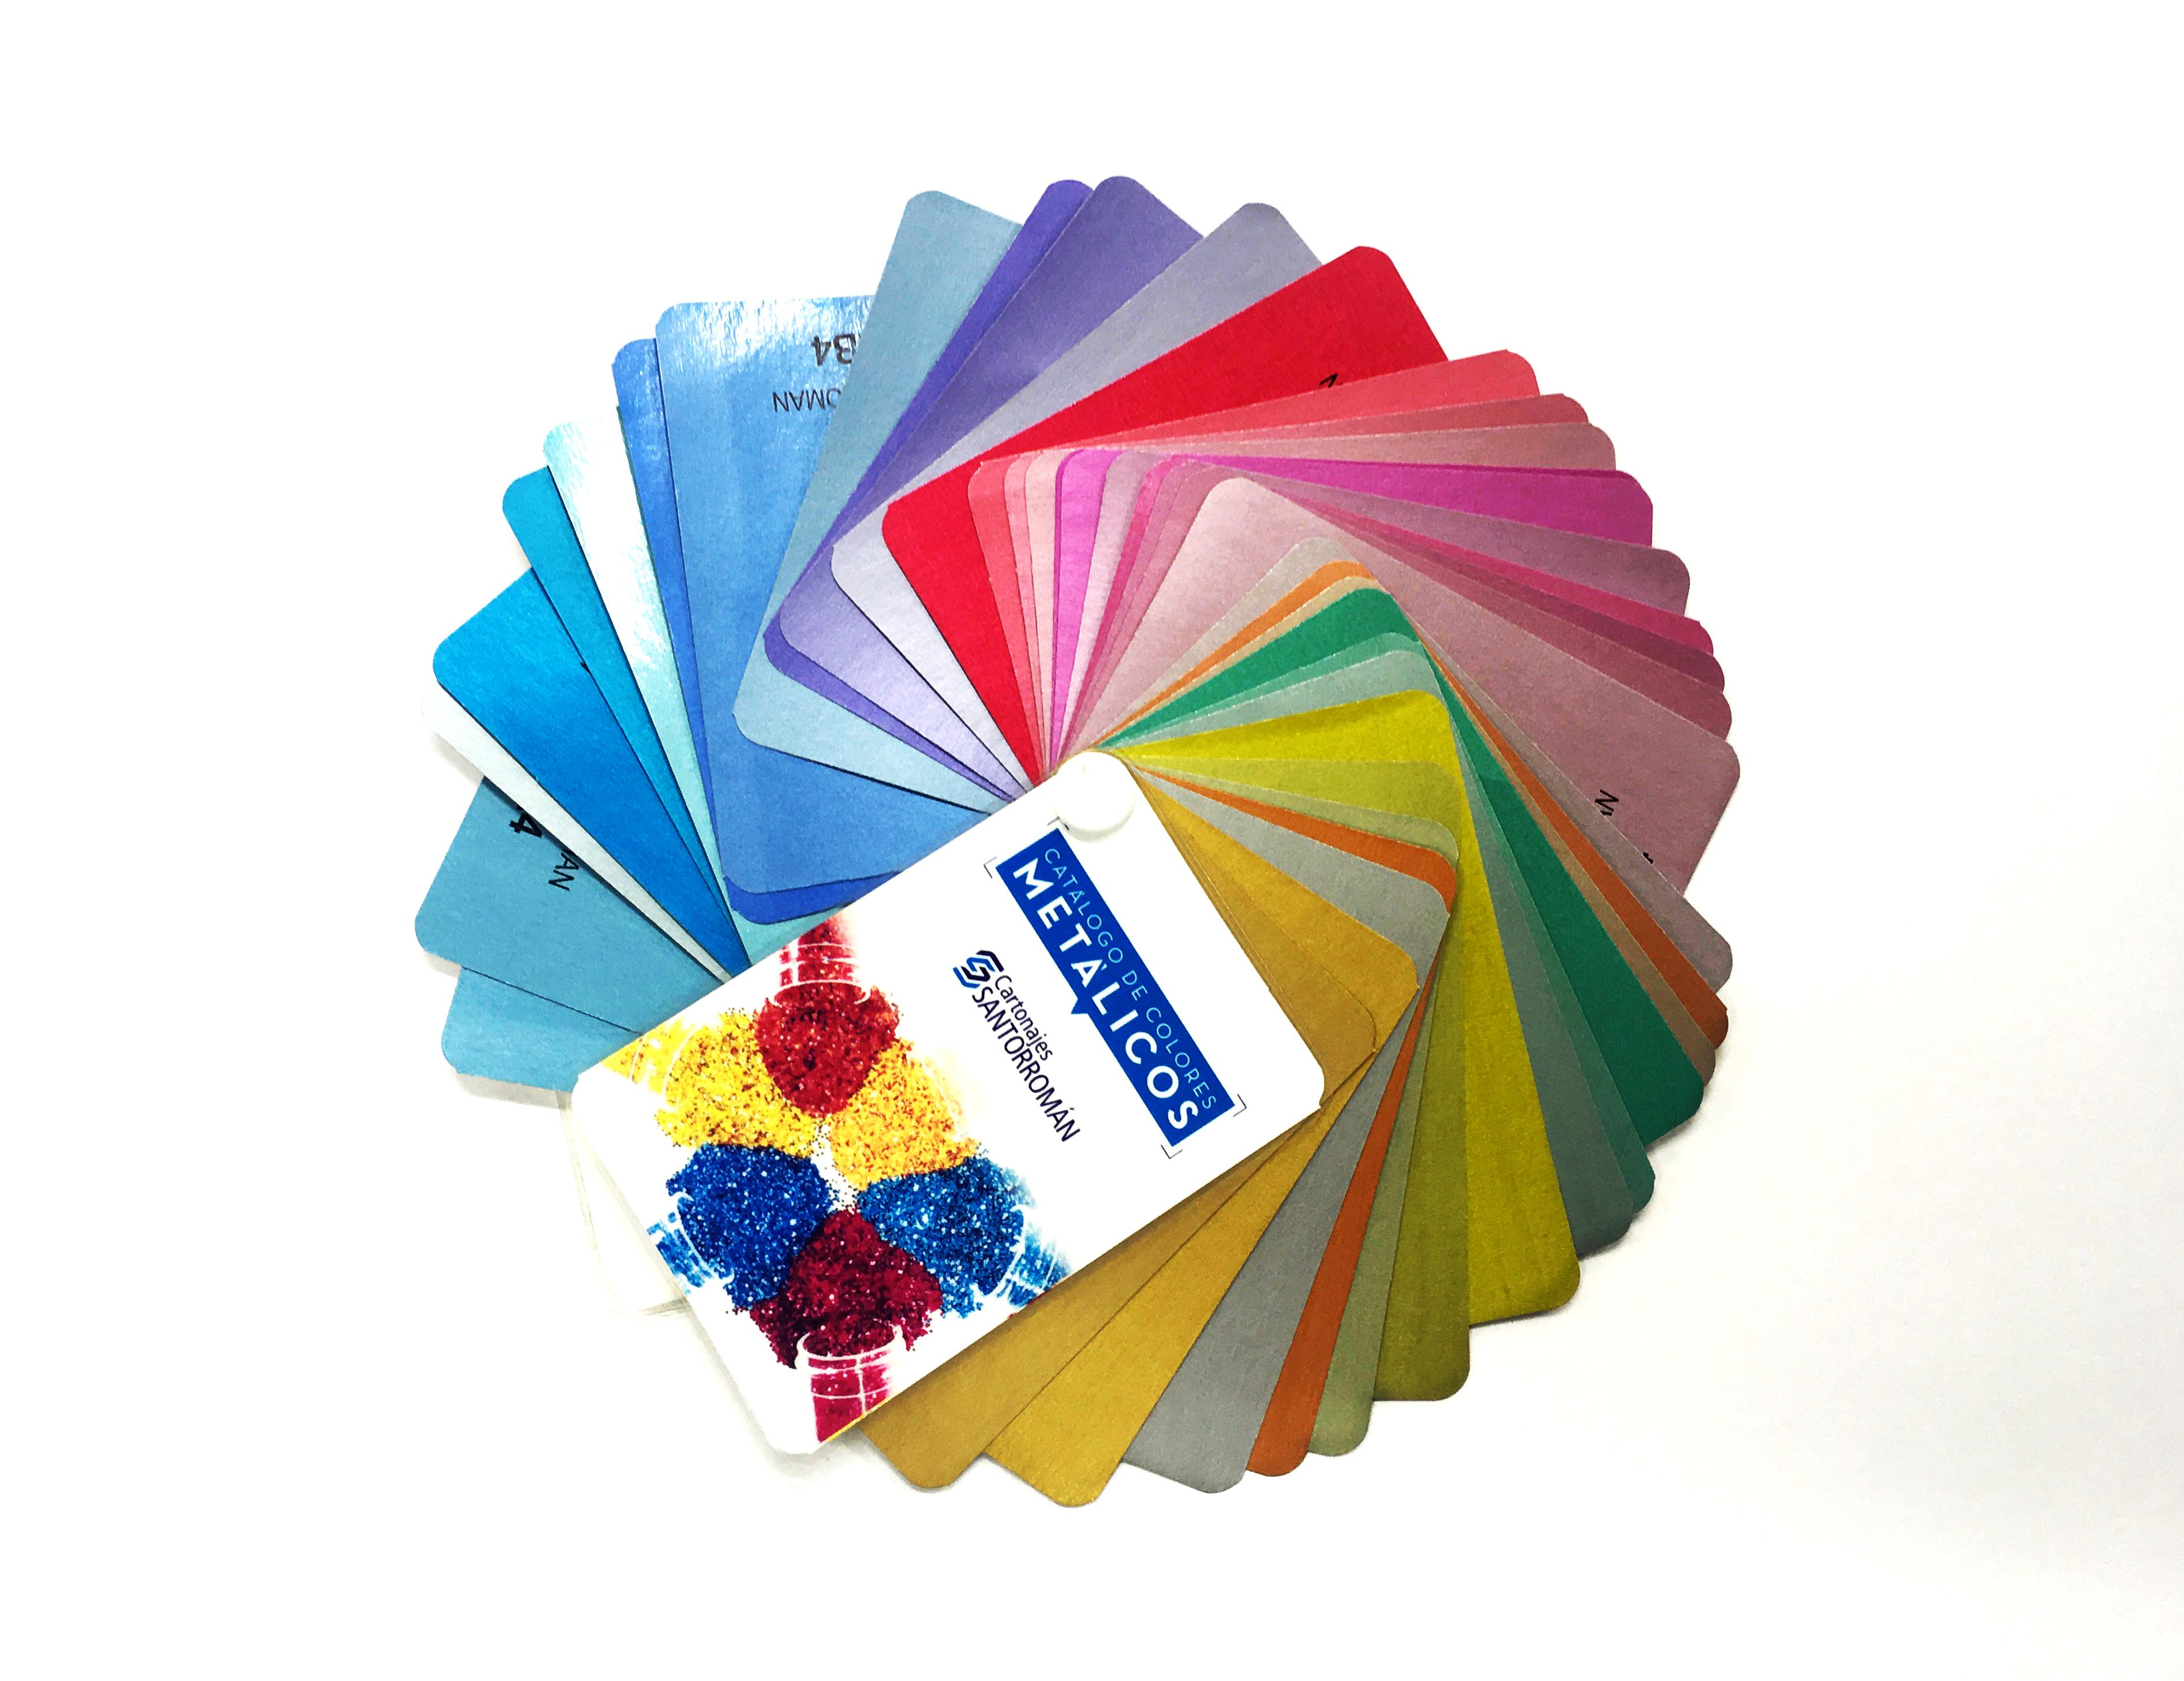 Nuevo catálogo y pantone de colores en Cartonajes Santorromán